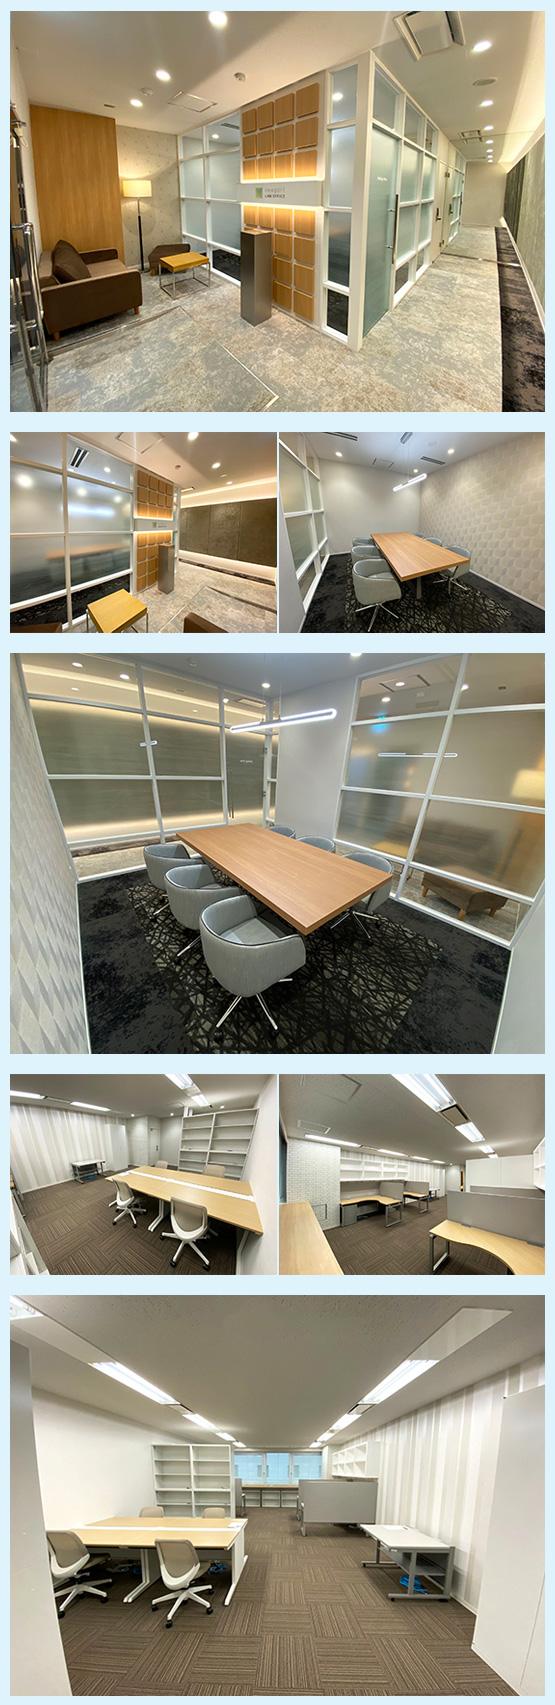 オフィス・ホテル・スクール・ジム 内装デザイン事例2